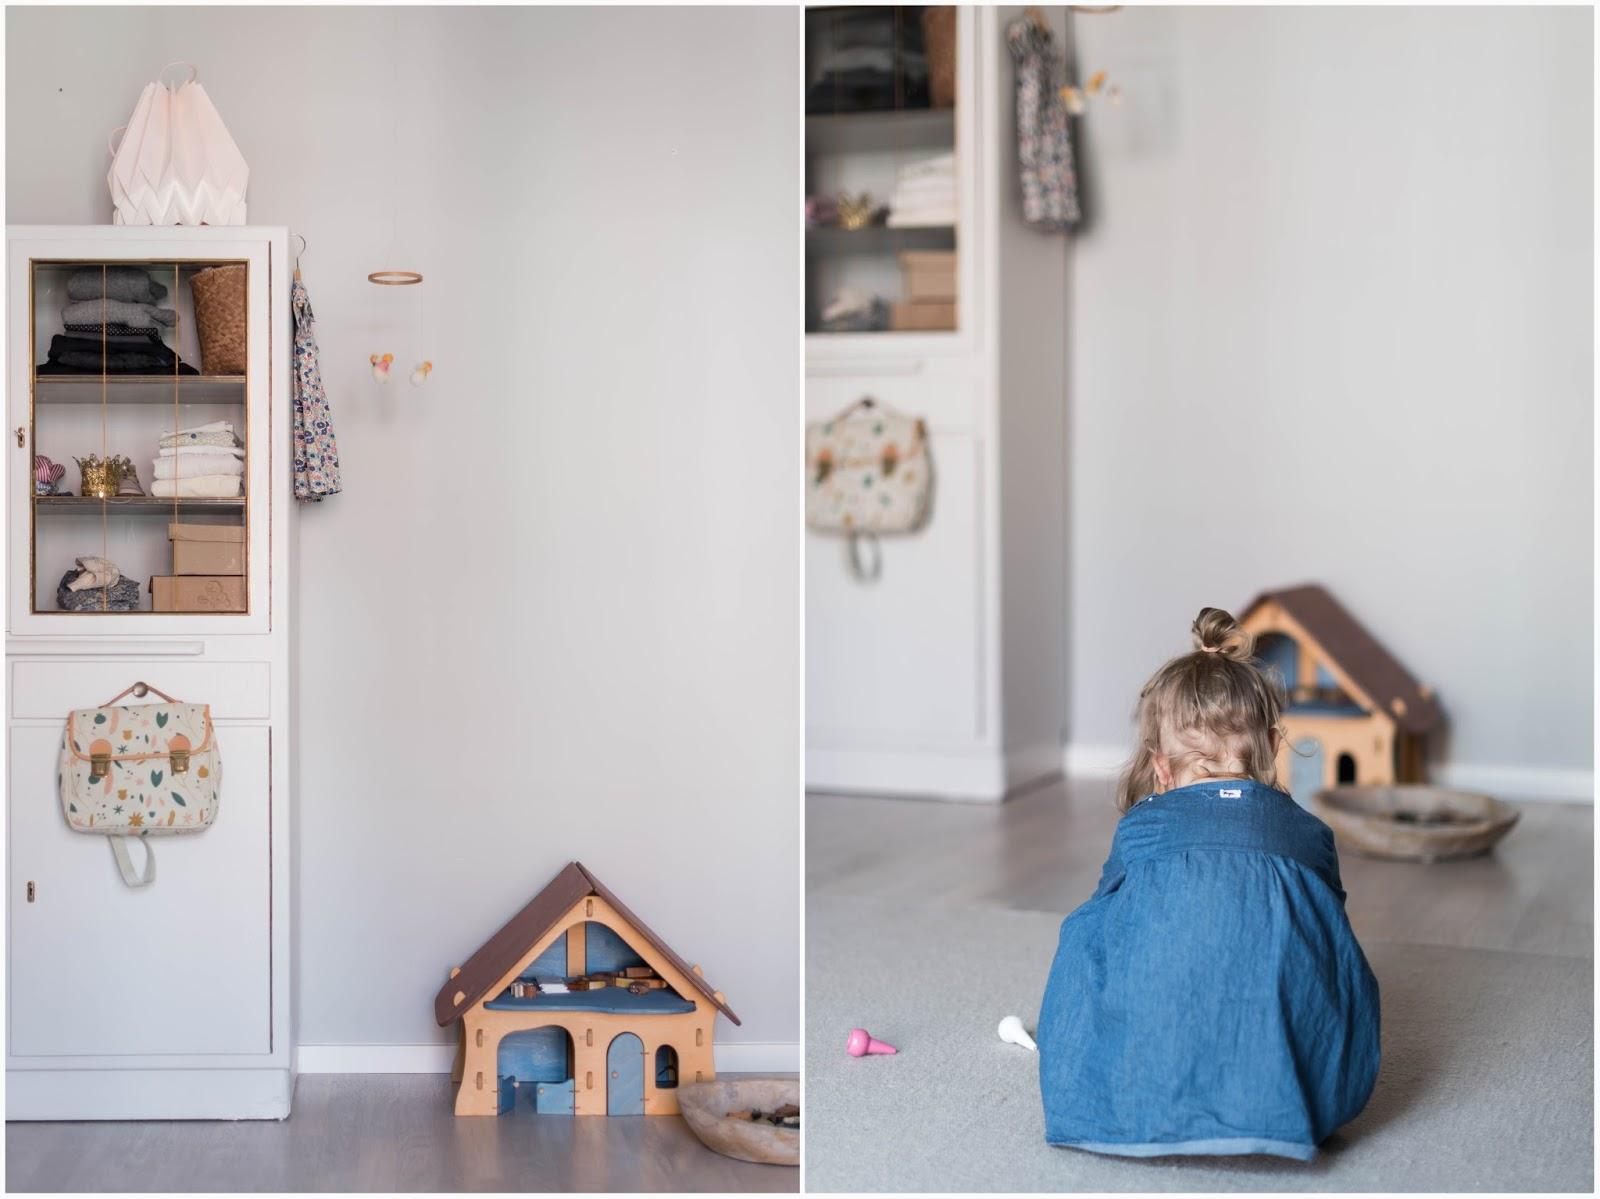 House Tour: Zu Gast im wunderschönen Zuhause von @anna.cor